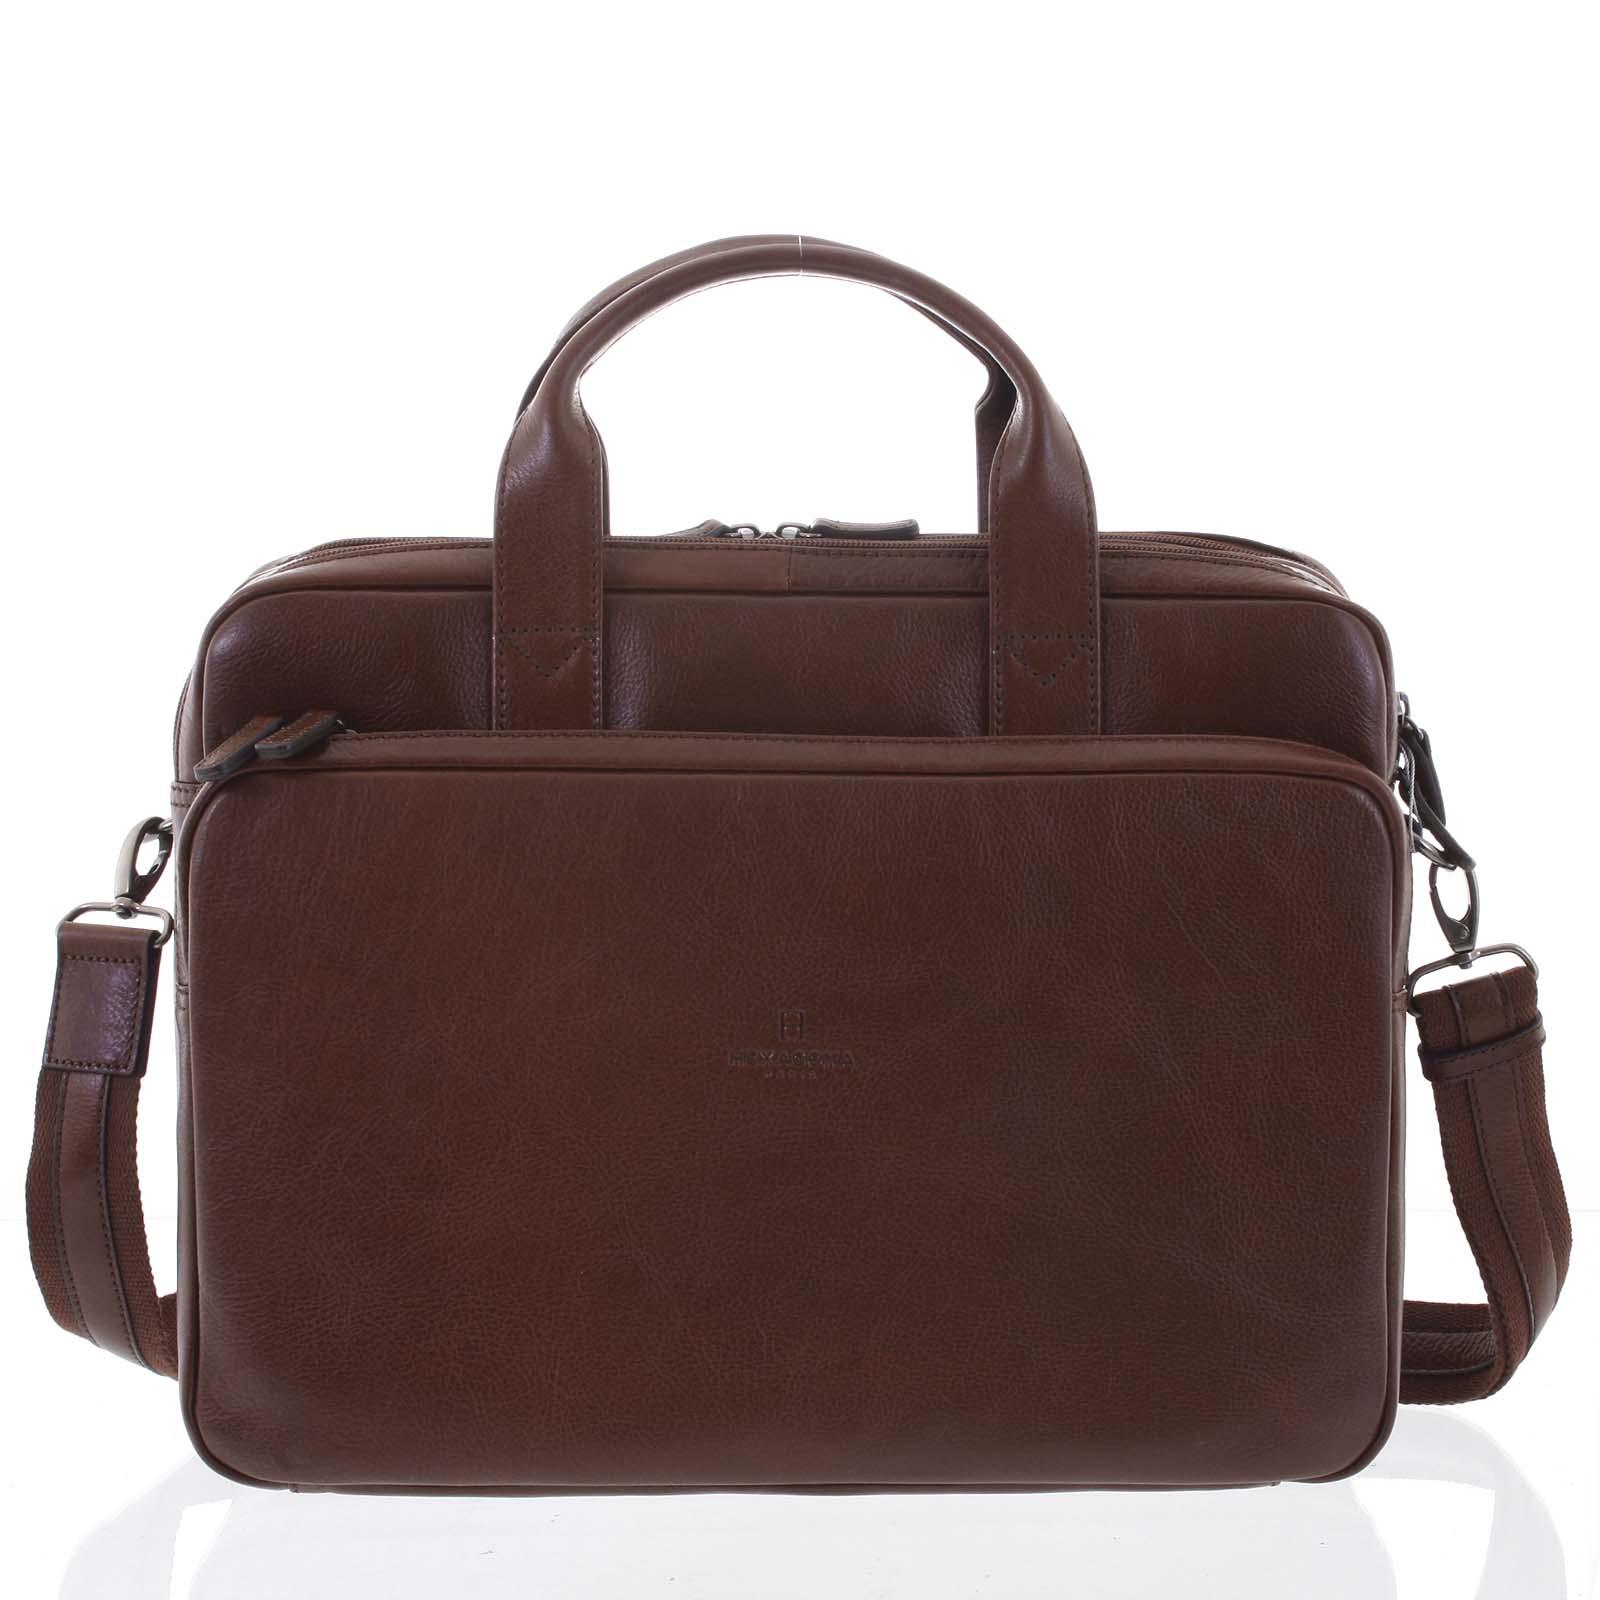 Luxusní hnědá prošívaná kožená taška - Hexagona Adonis